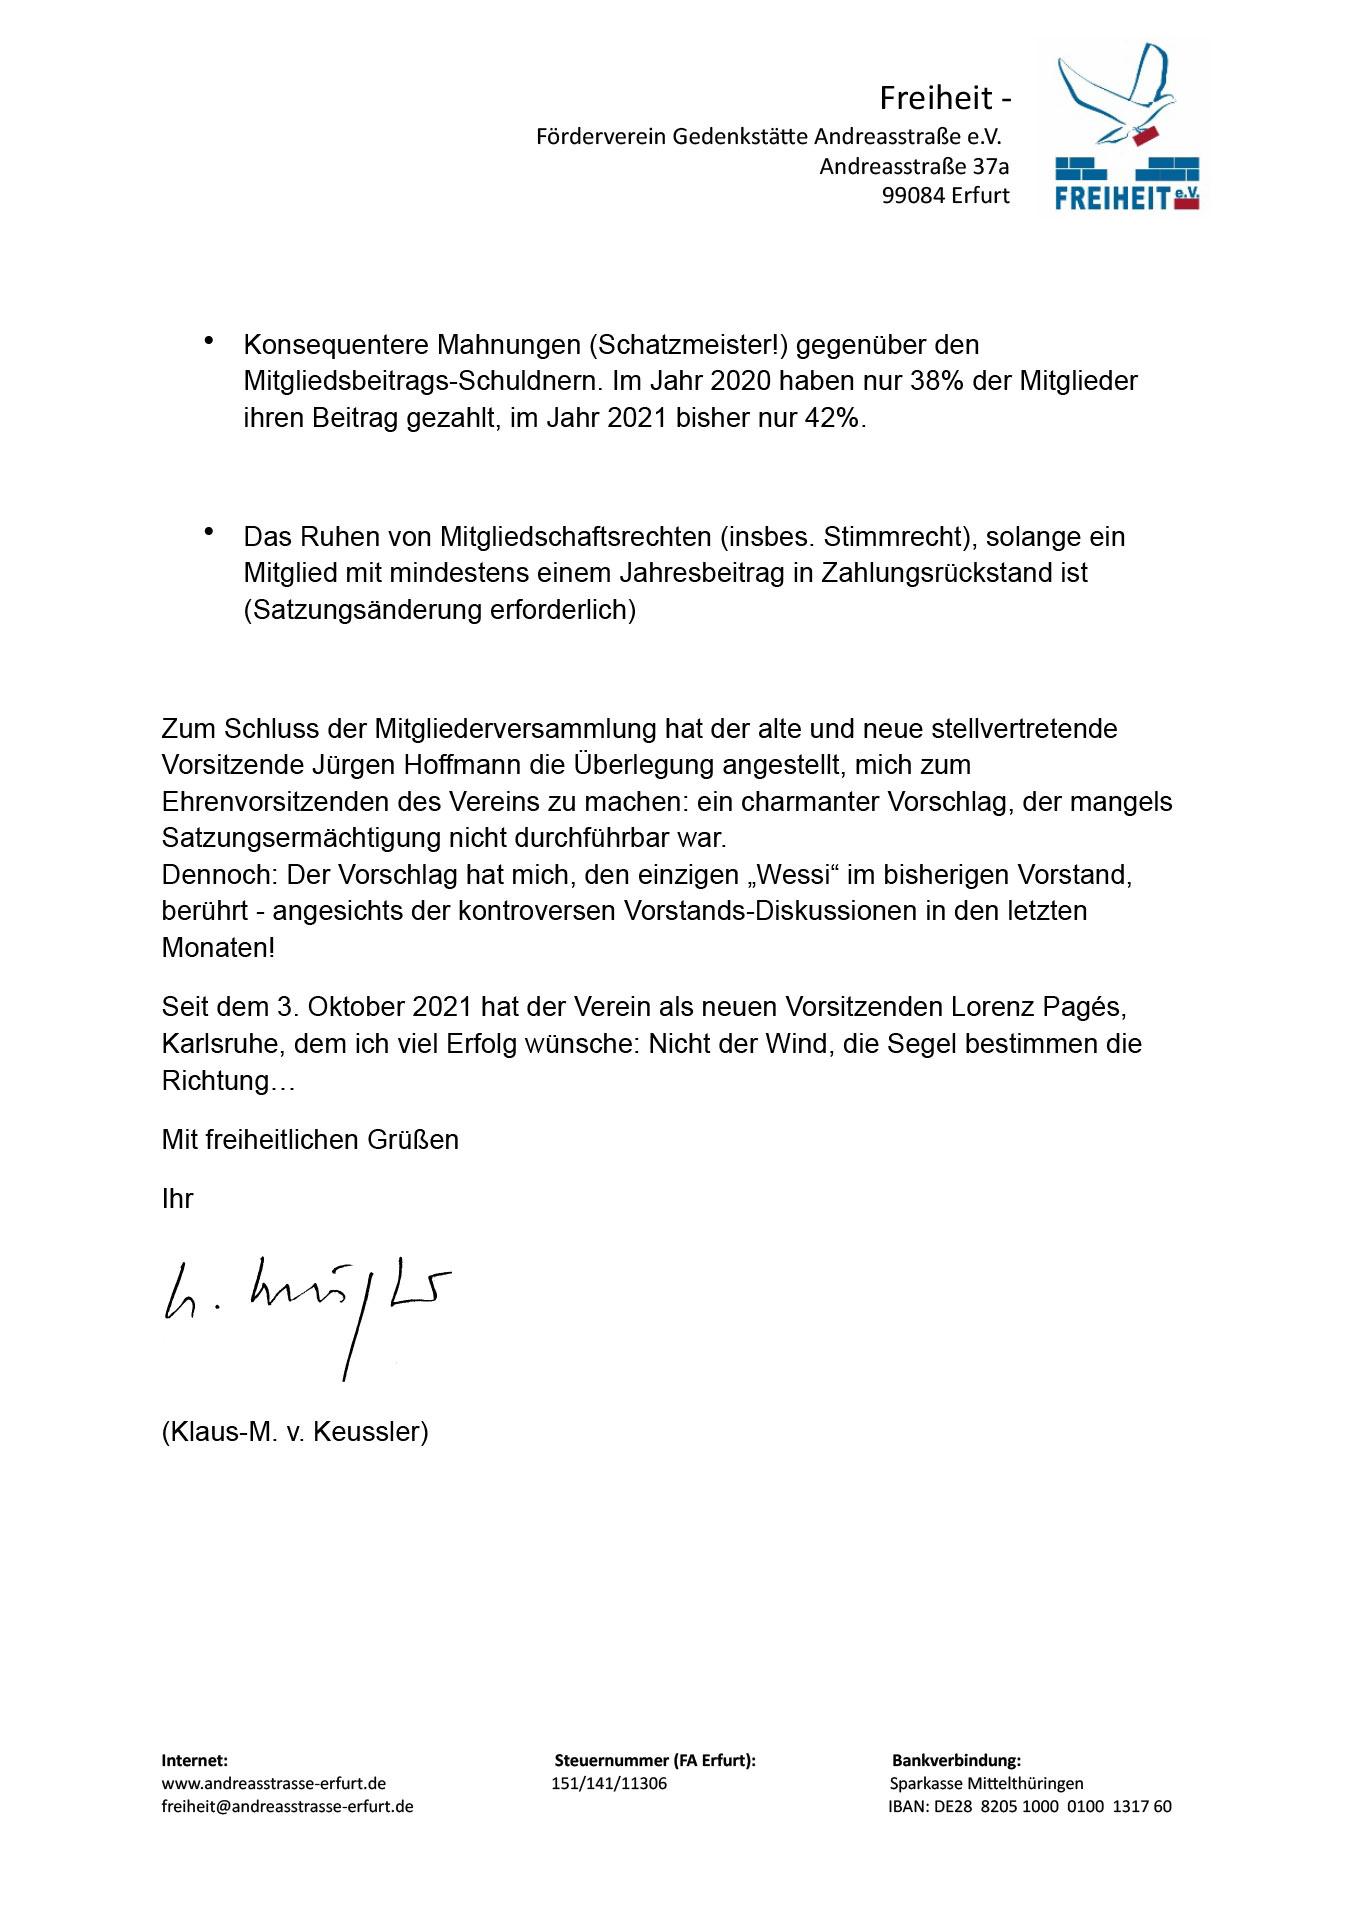 Abschiedsbrief vom ehemaligen Vorsitzenden Klaus von Keussler - Abschiedsbrief vom ehemaligen Vorsitzenden Klaus von Keussler